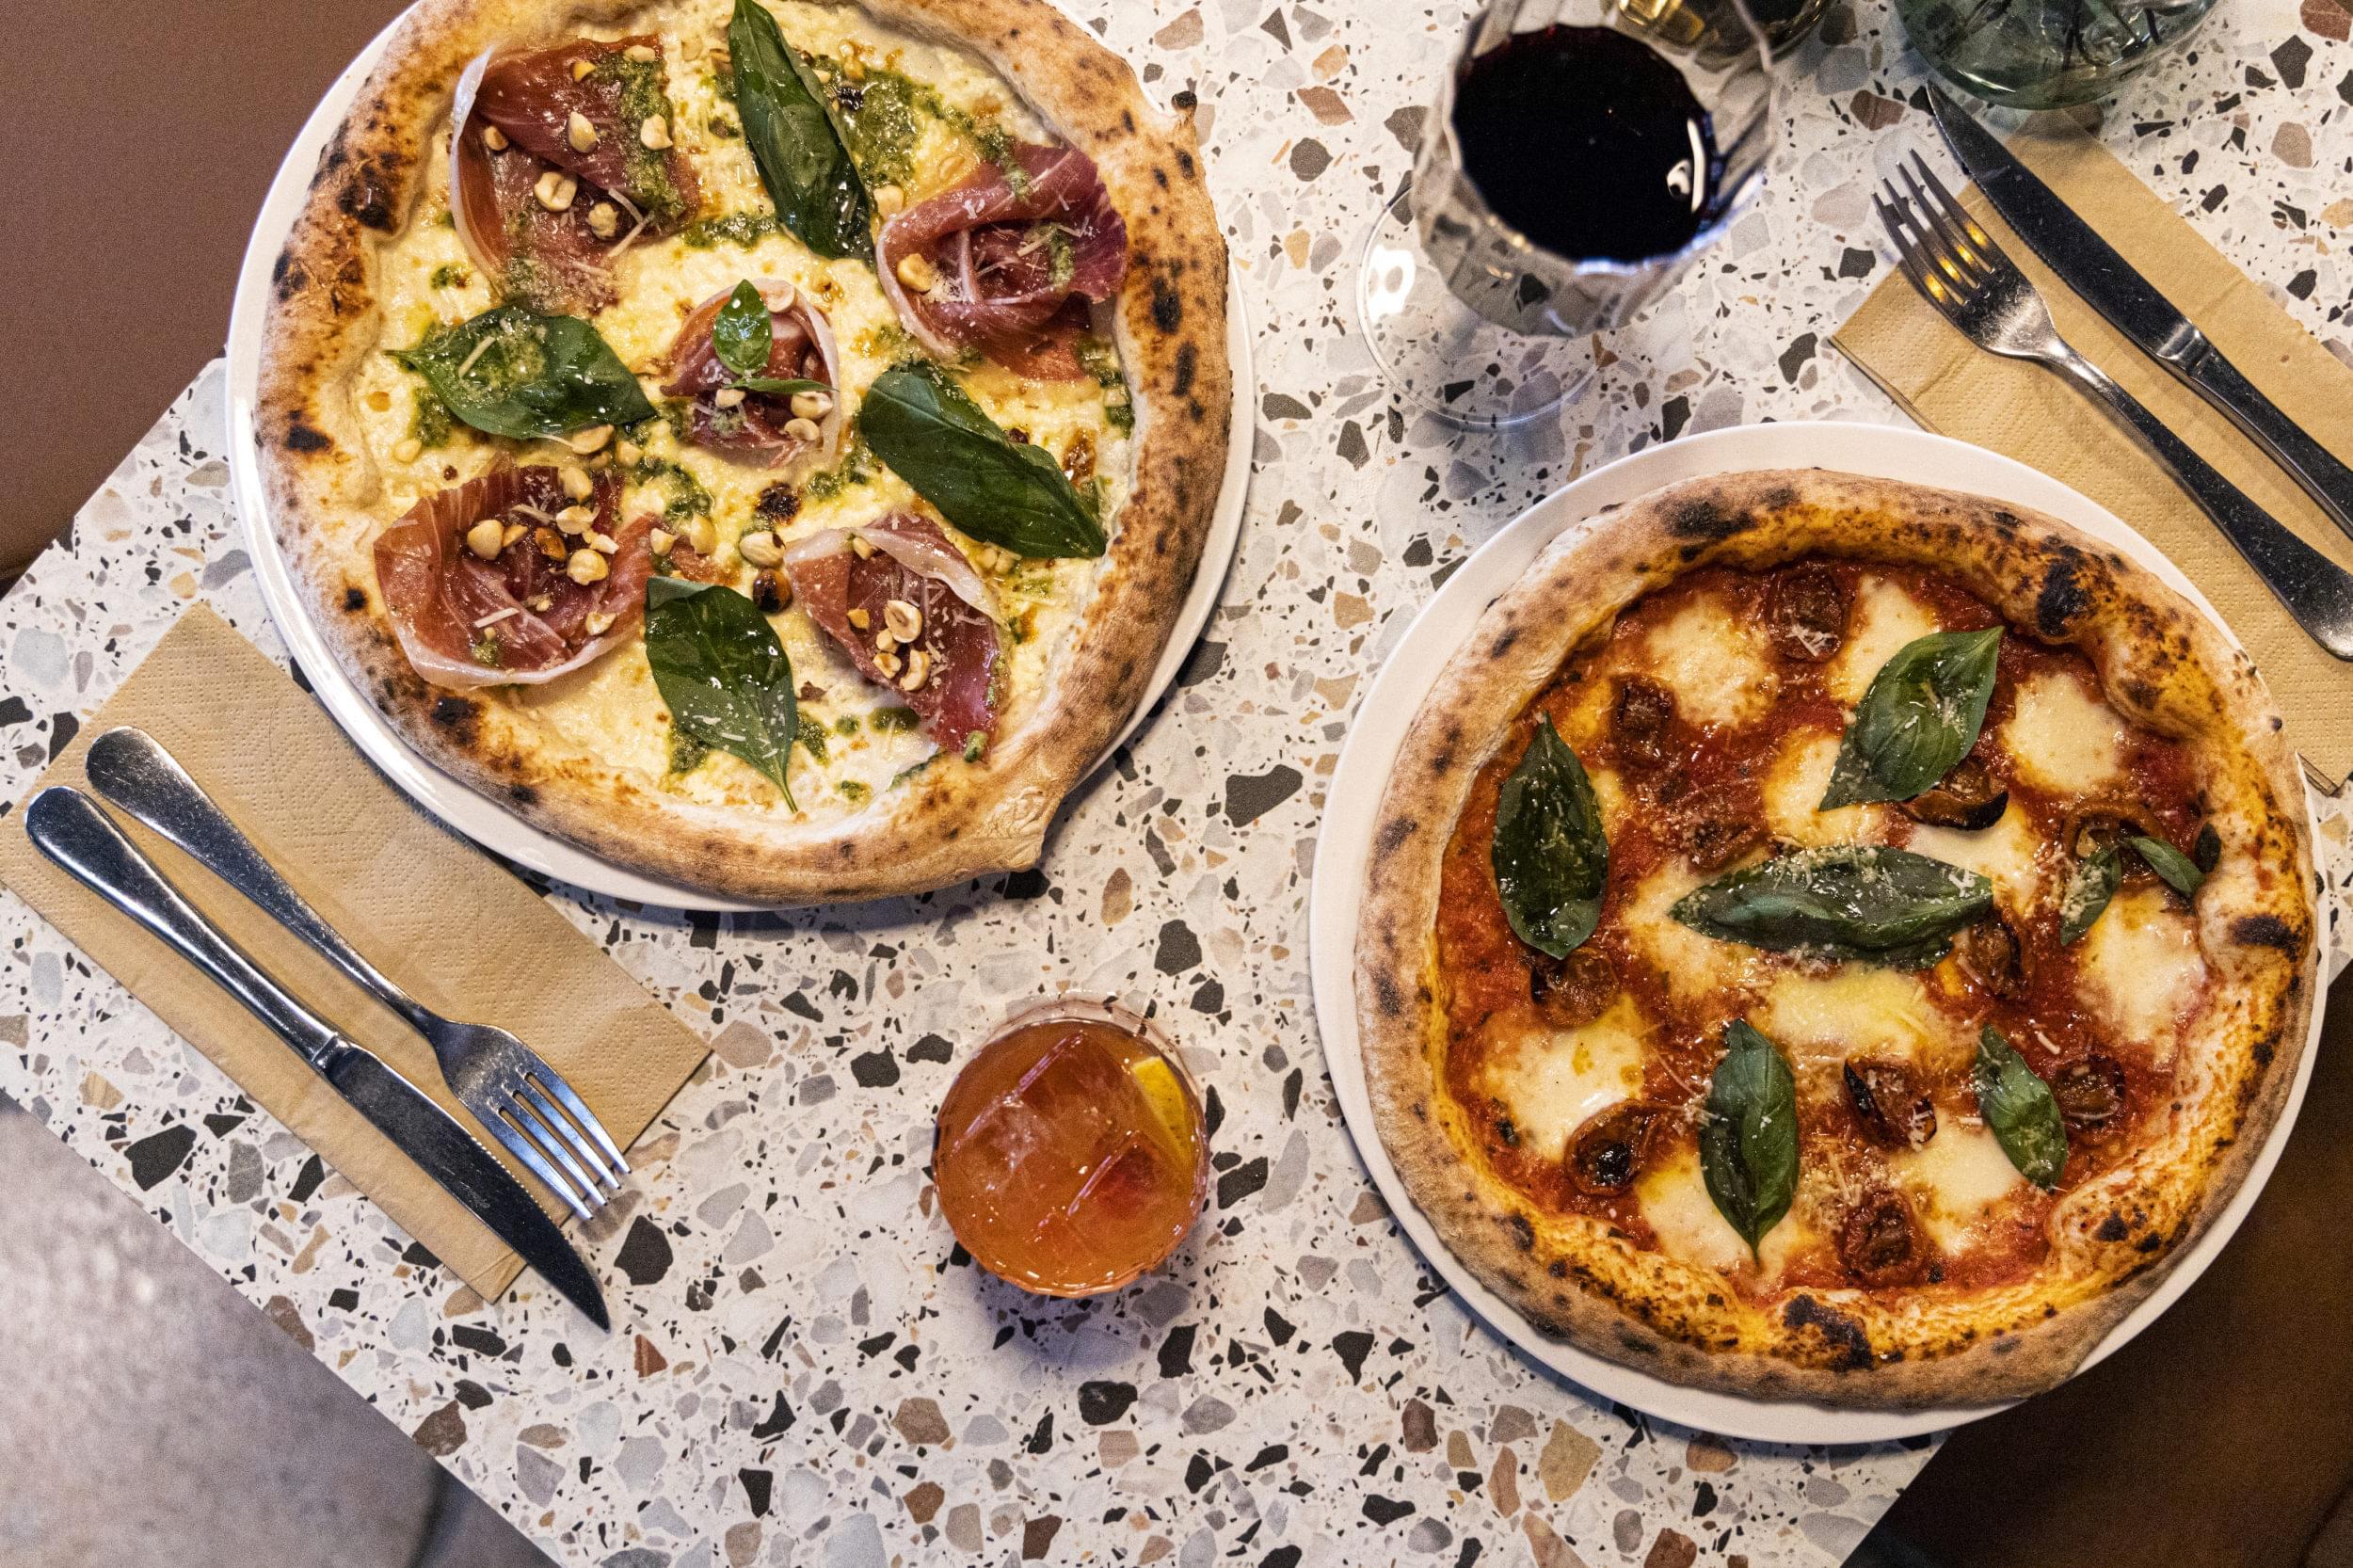 Två pizzor fotade ovanifrån.